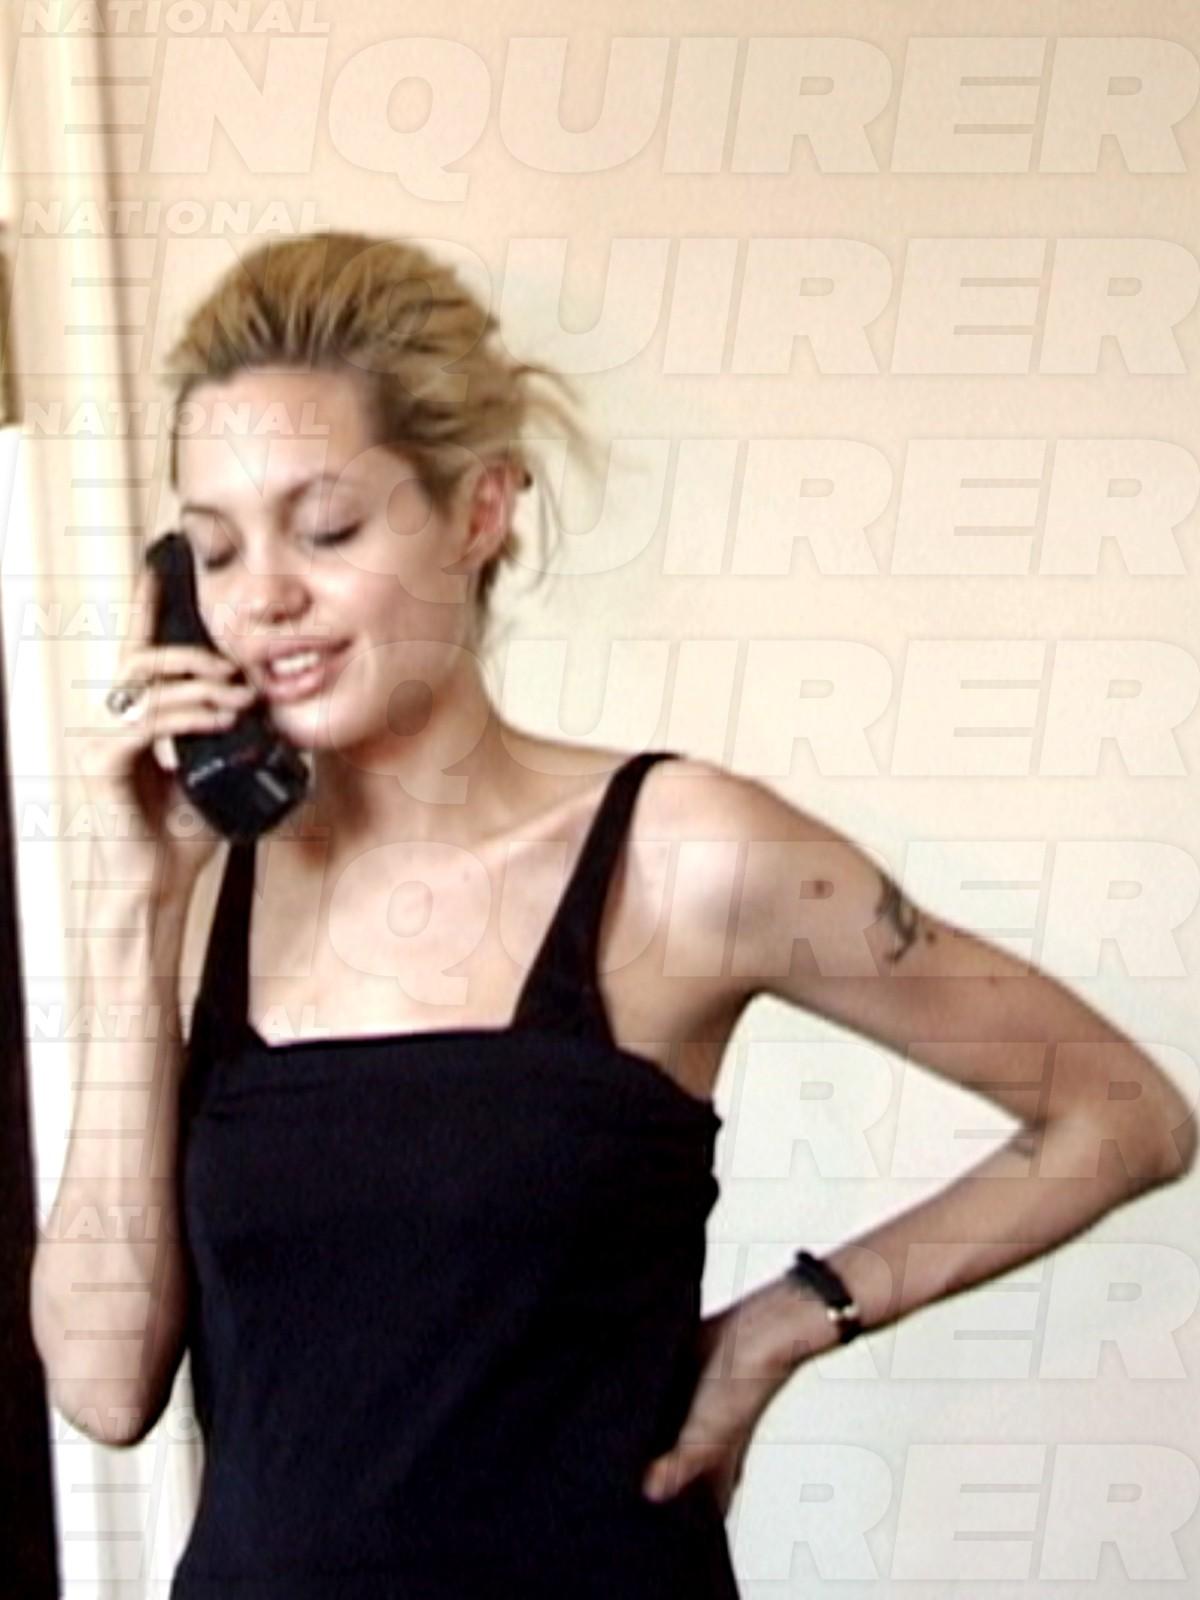 National Enquirer divulga fotos de Angelina Jolie na década de 90 (Foto: Reprodução/National Enquirer)